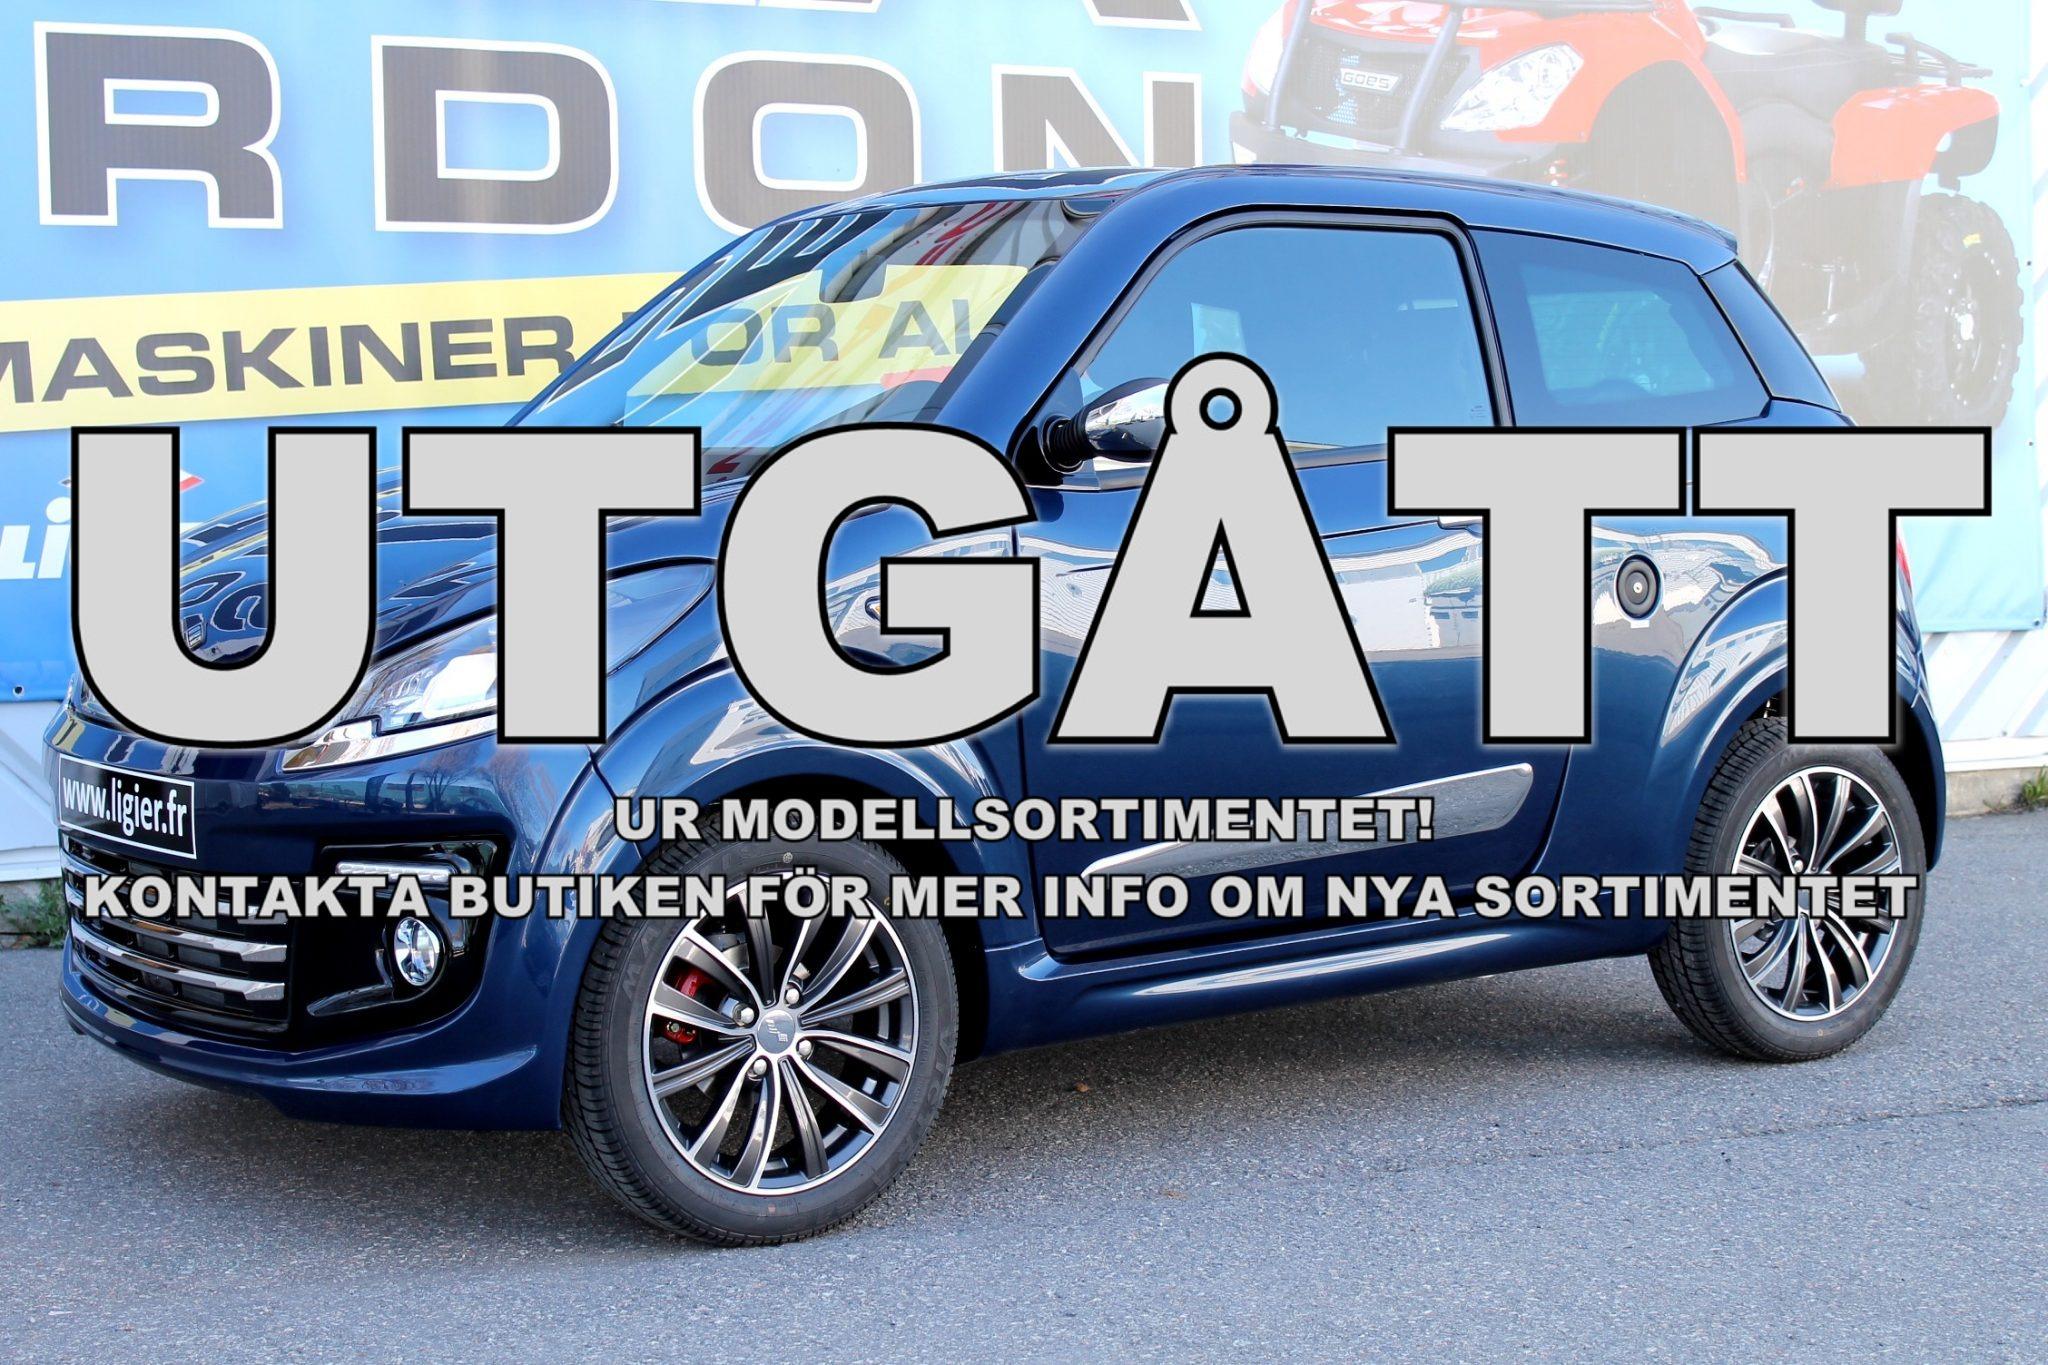 Ligier Mopedbil JS50L Elegance+